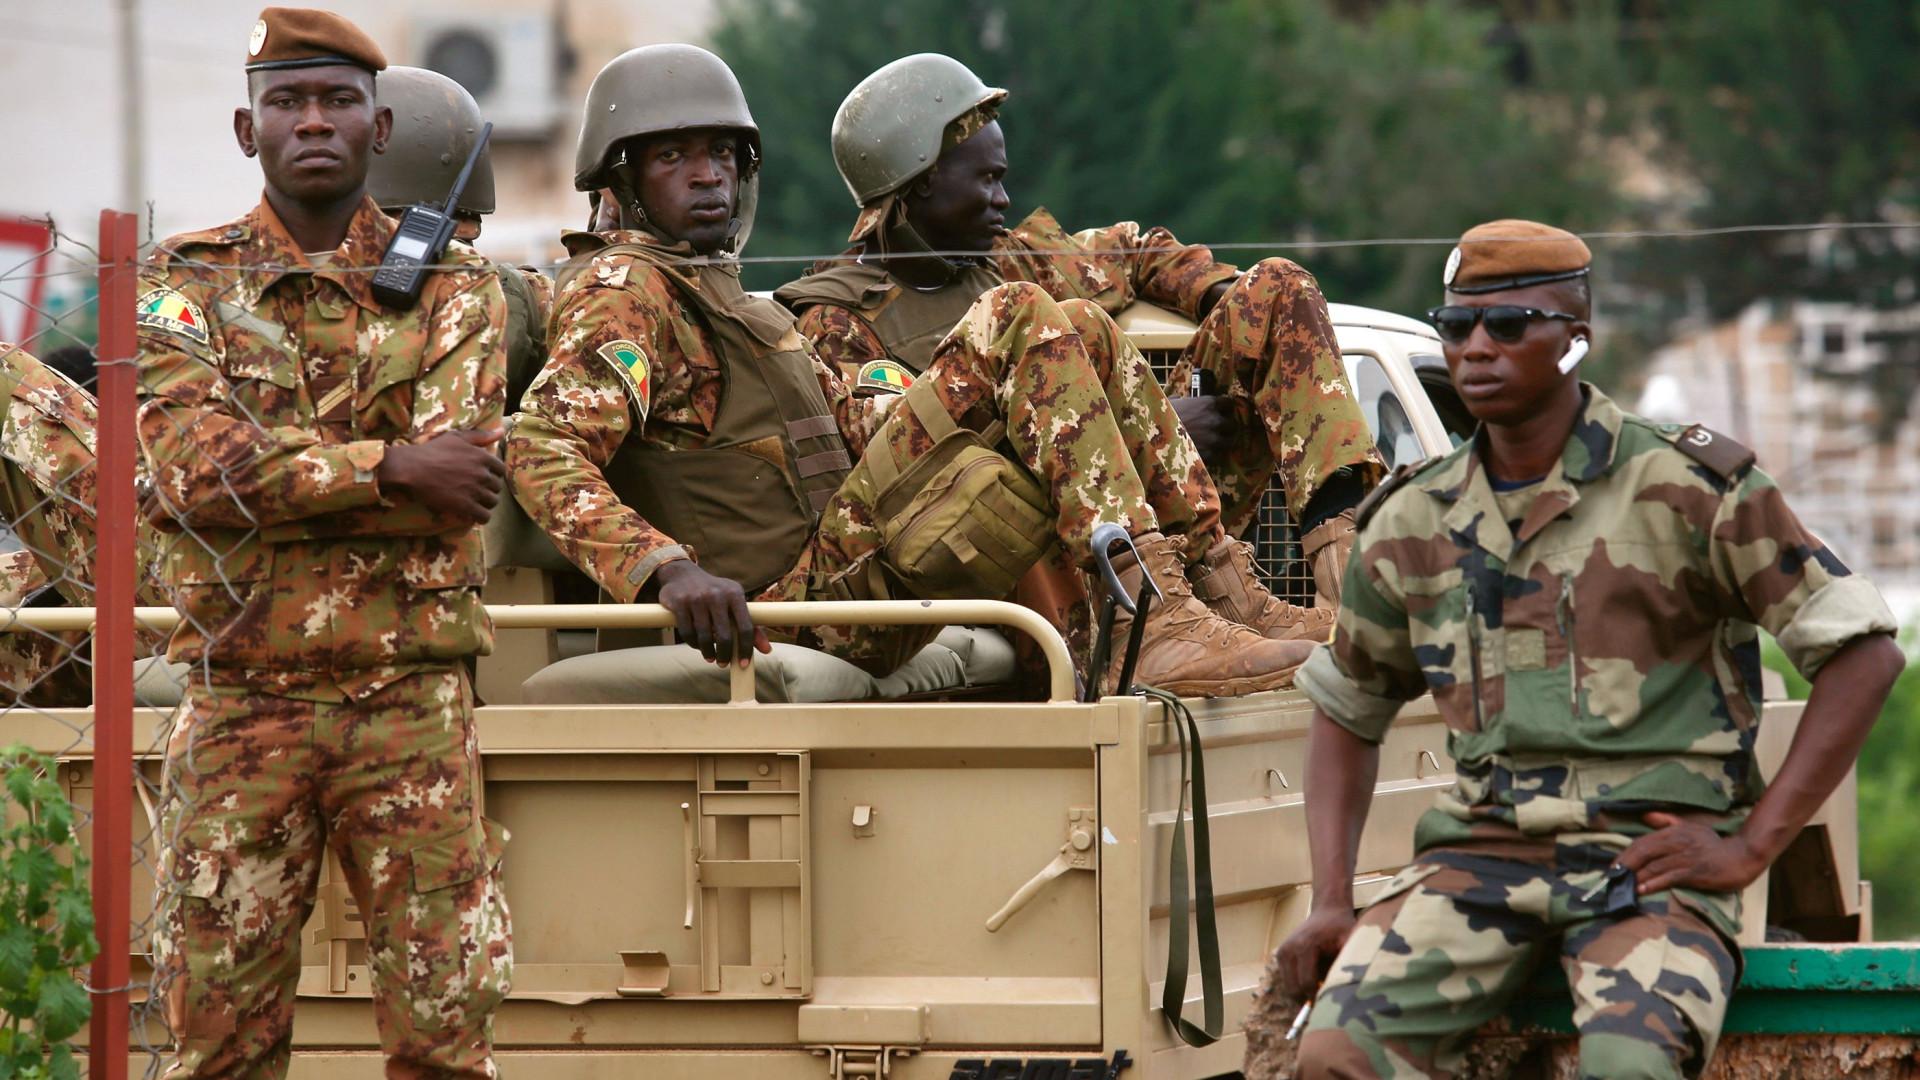 Serviços de informações do Mali dizem ter impedido ataques na capital